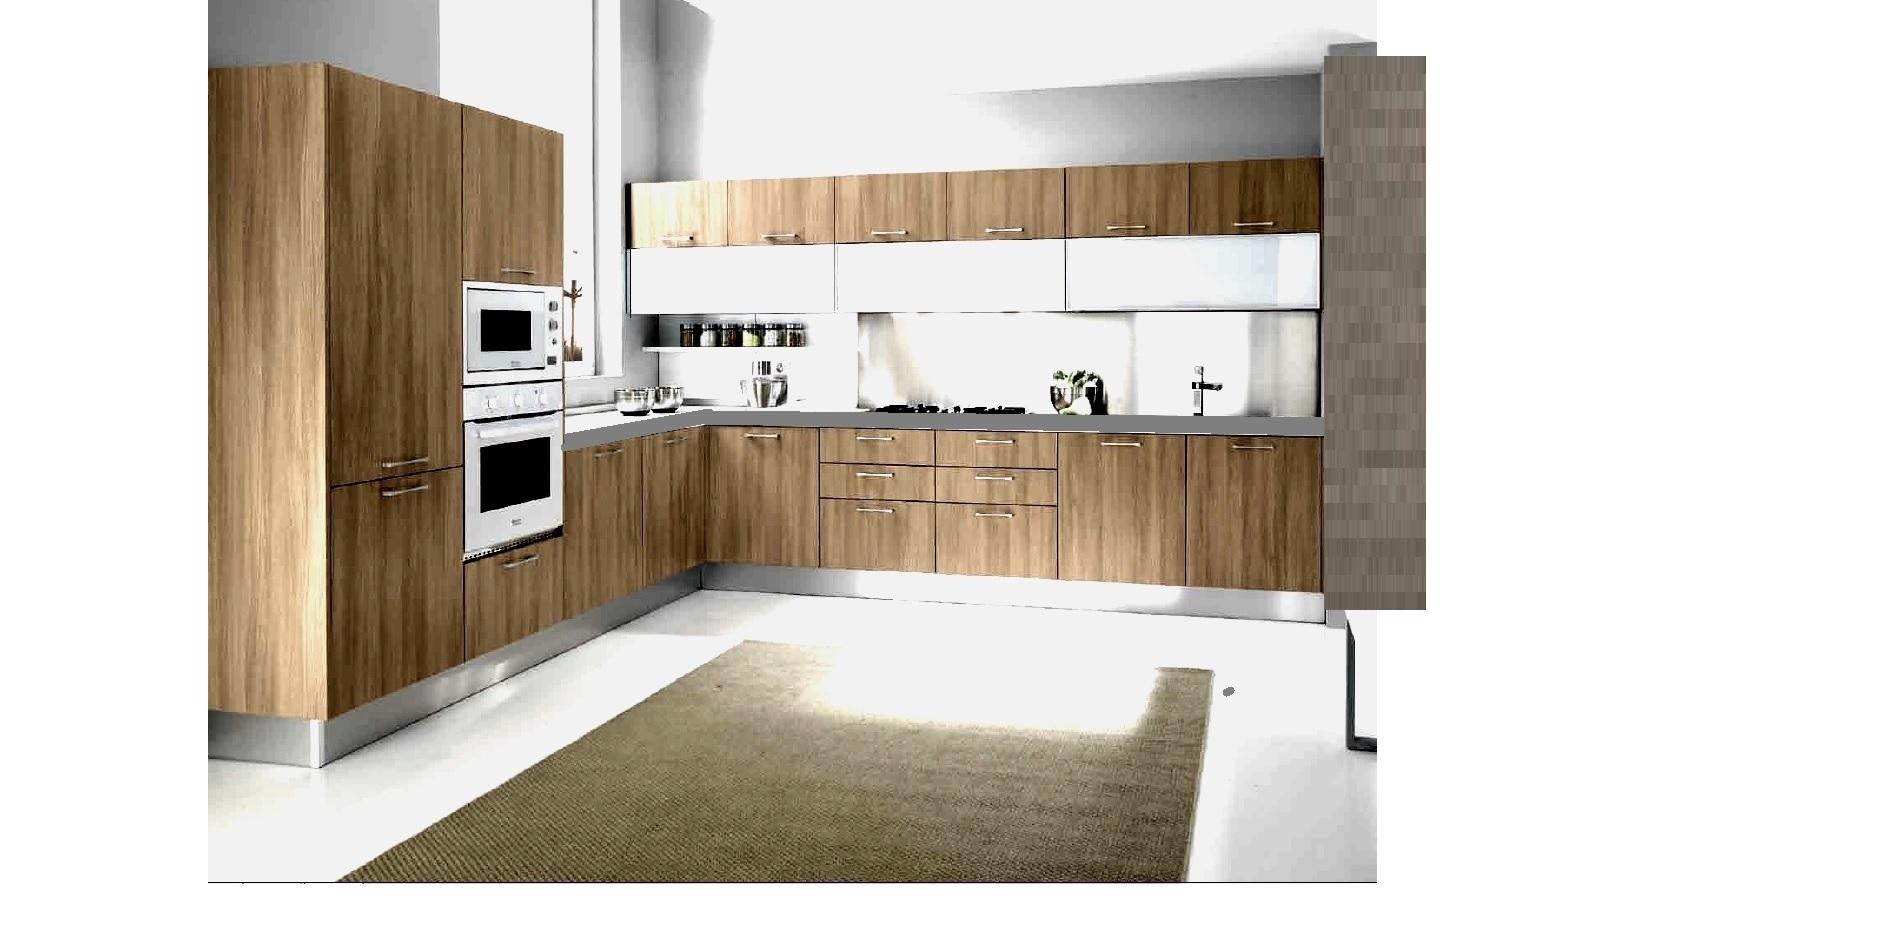 Illuminazioni a soffitto - Lavelli cucina angolari ...